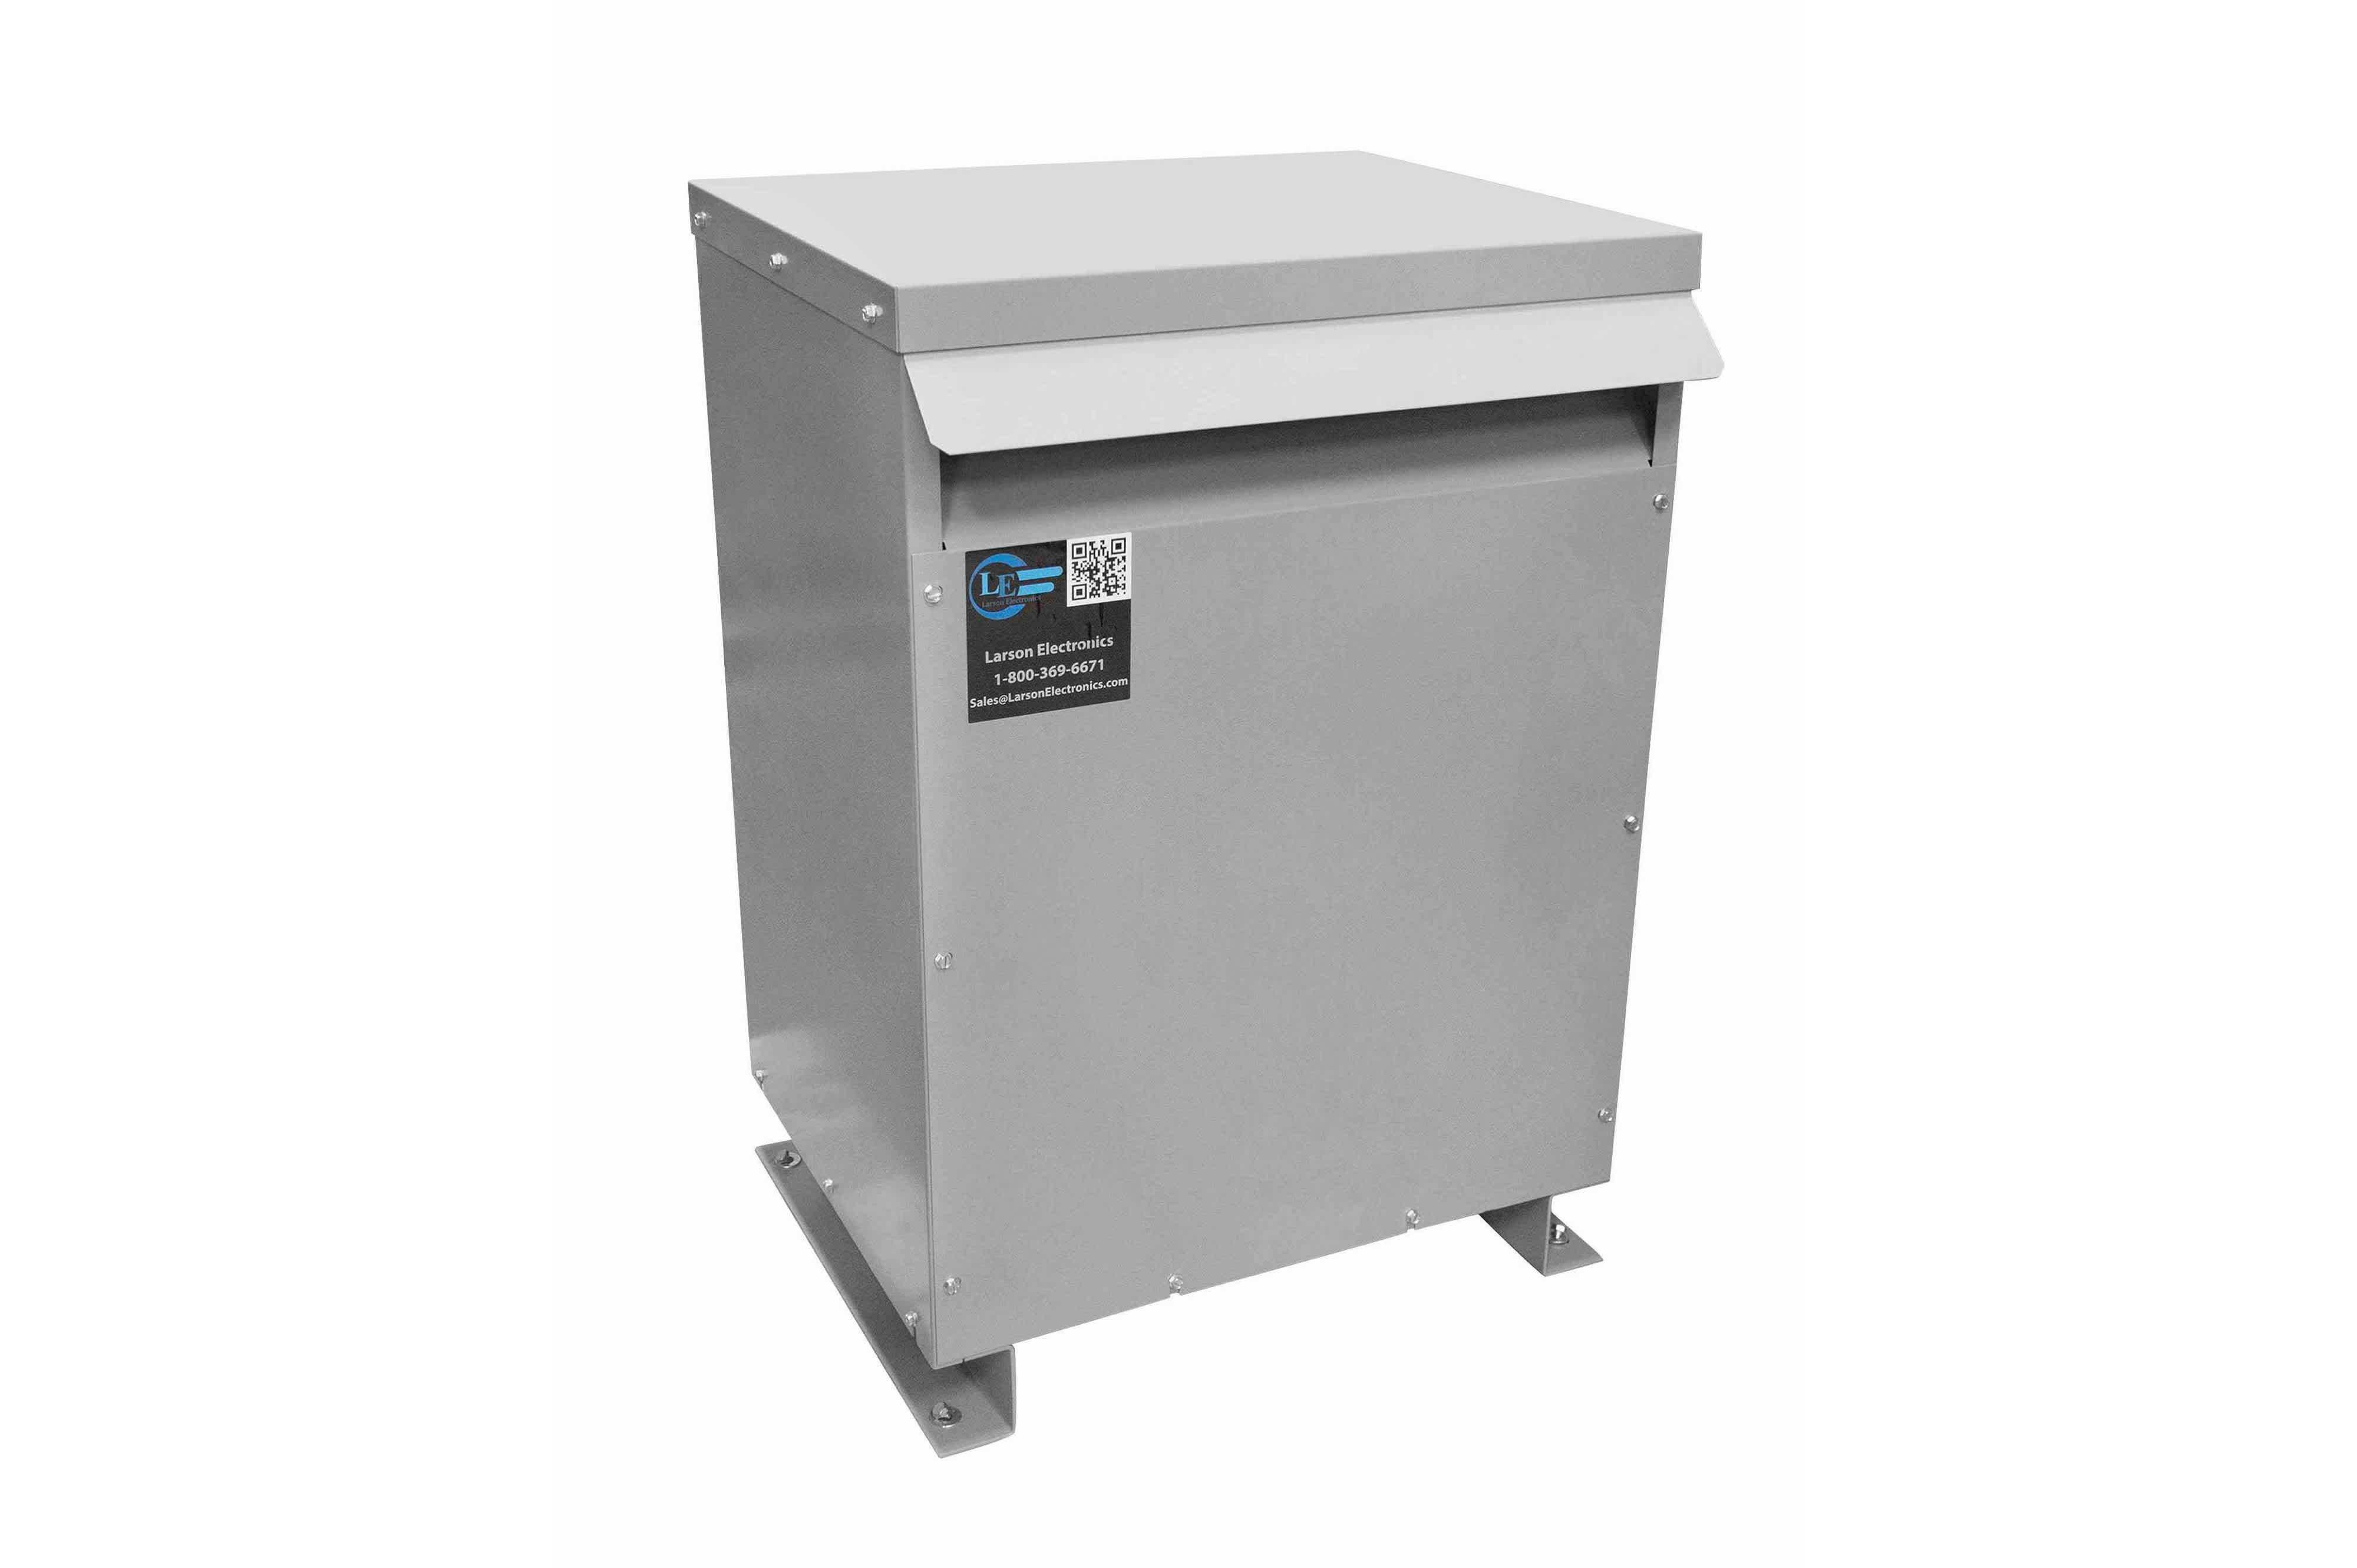 137.5 kVA 3PH Isolation Transformer, 380V Delta Primary, 600V Delta Secondary, N3R, Ventilated, 60 Hz